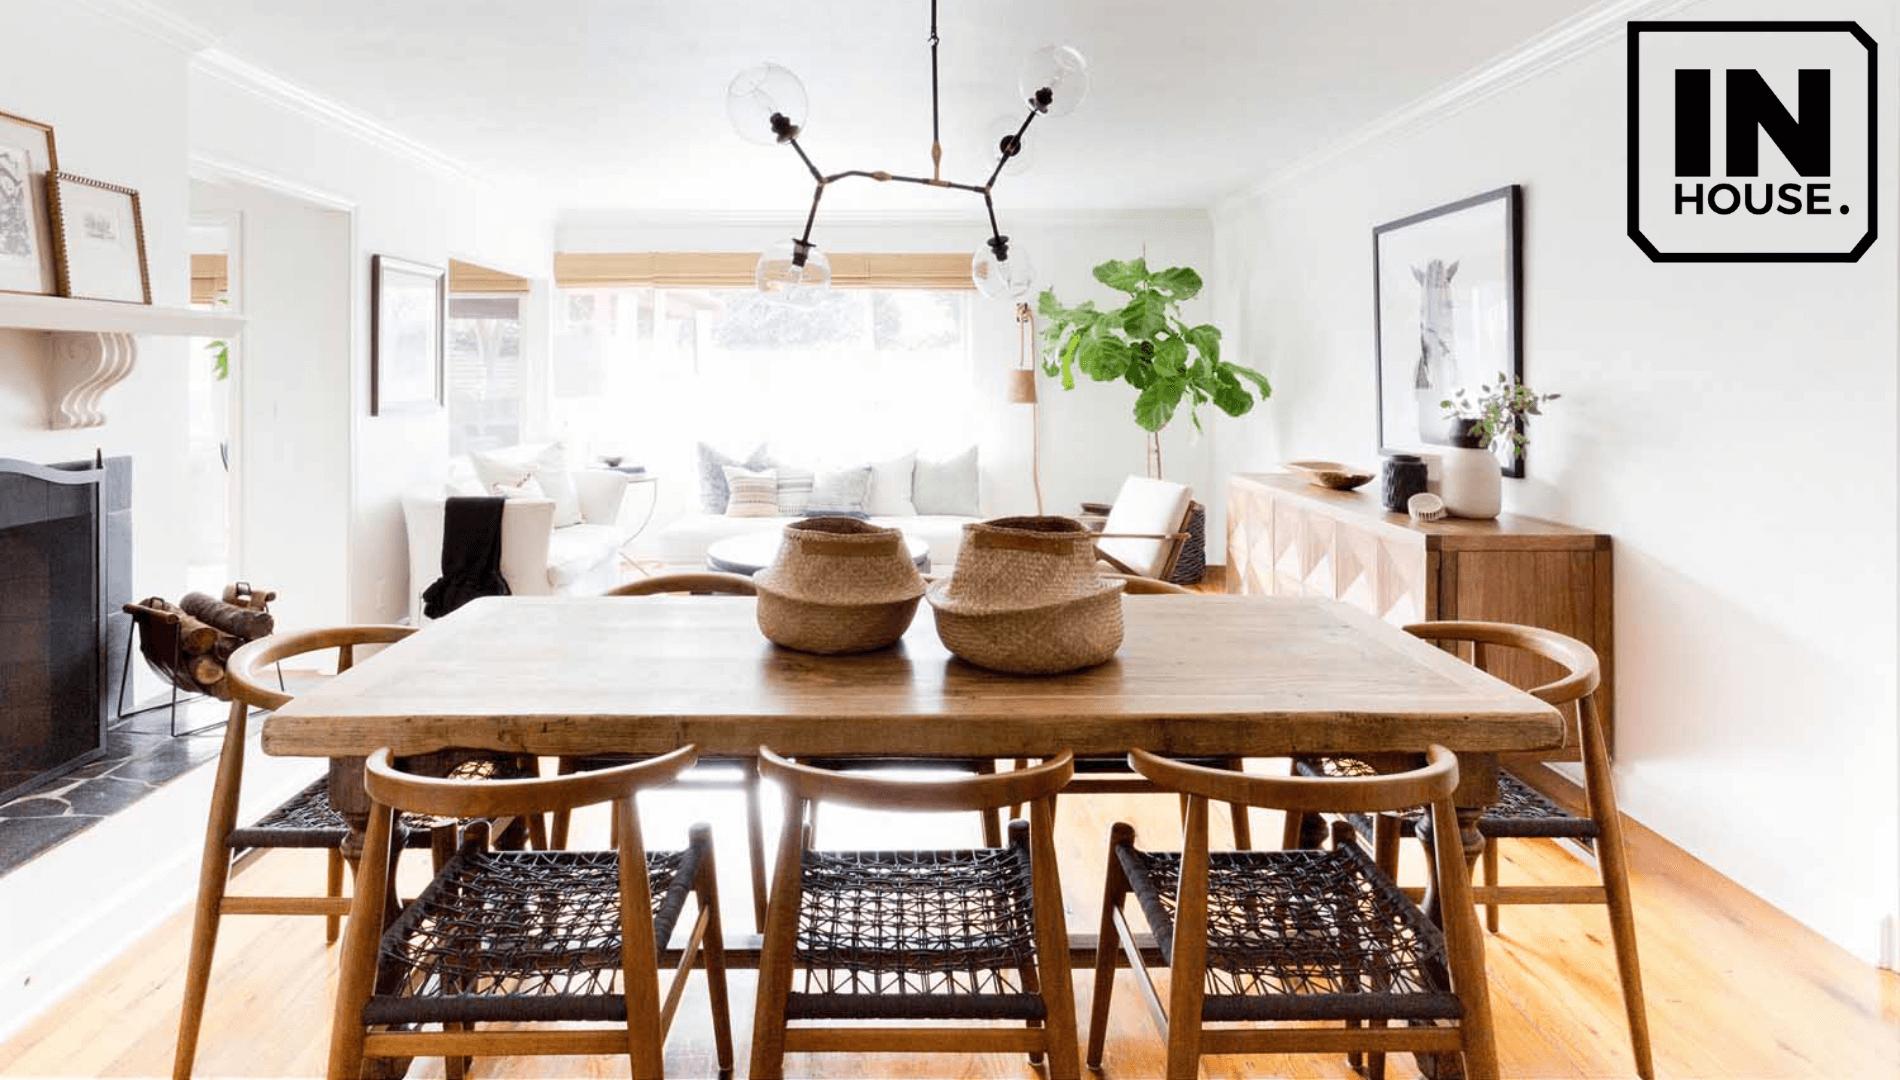 Phong cách hữu cơ sử dụng nhiều nội thất từ gỗ